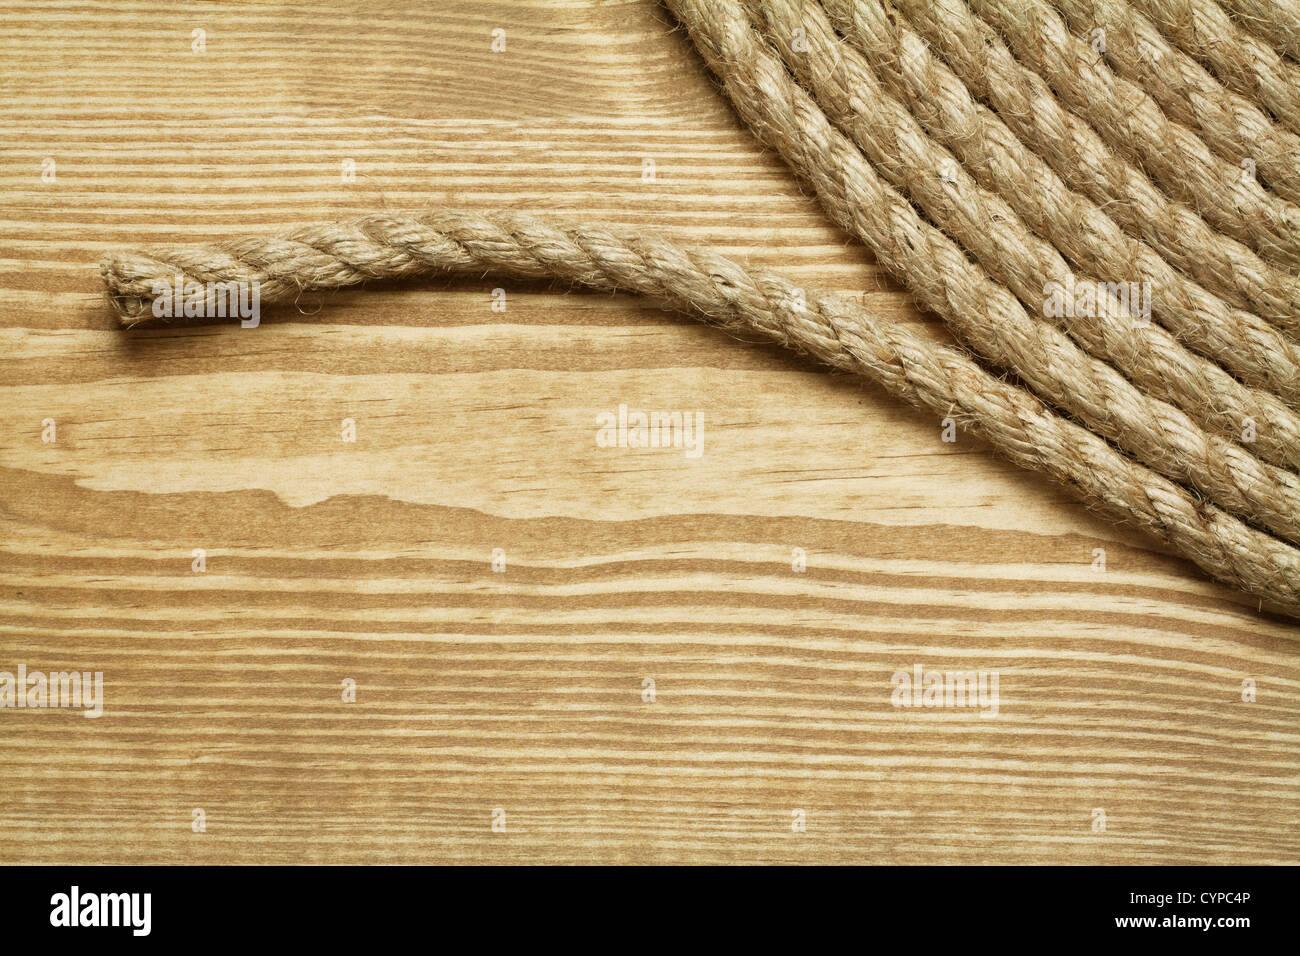 Rollo de cuerda áspera sobre fondo de madera Imagen De Stock